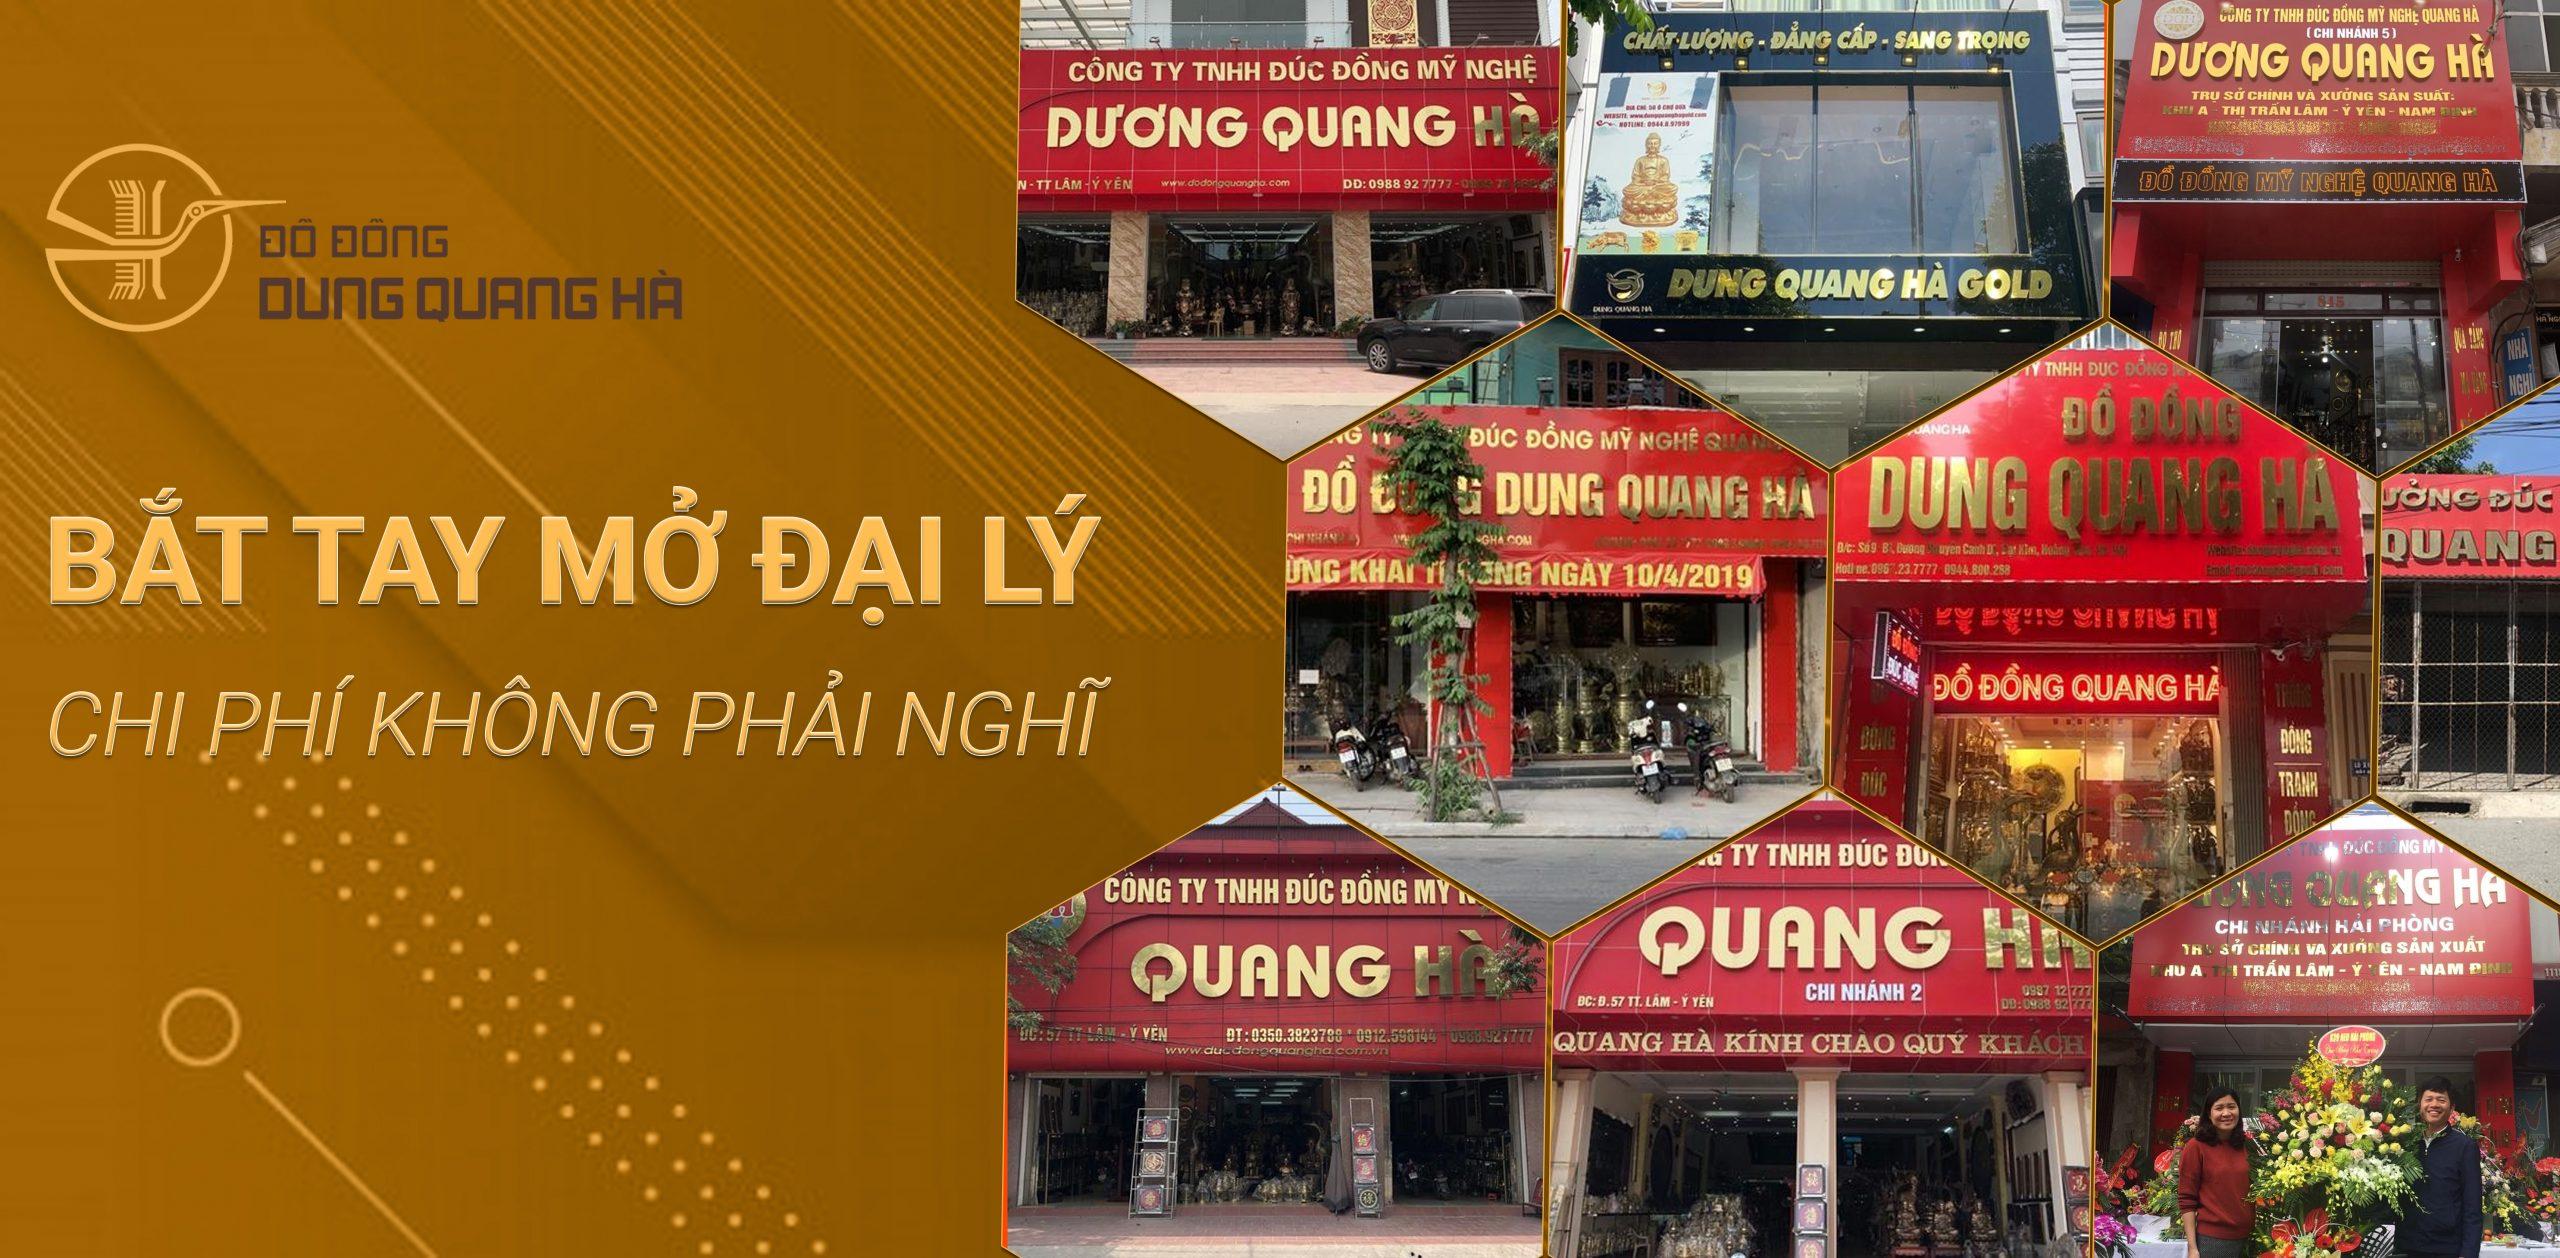 Mở đại lý bán hàng Đồ Đồng Dung Quang Hà